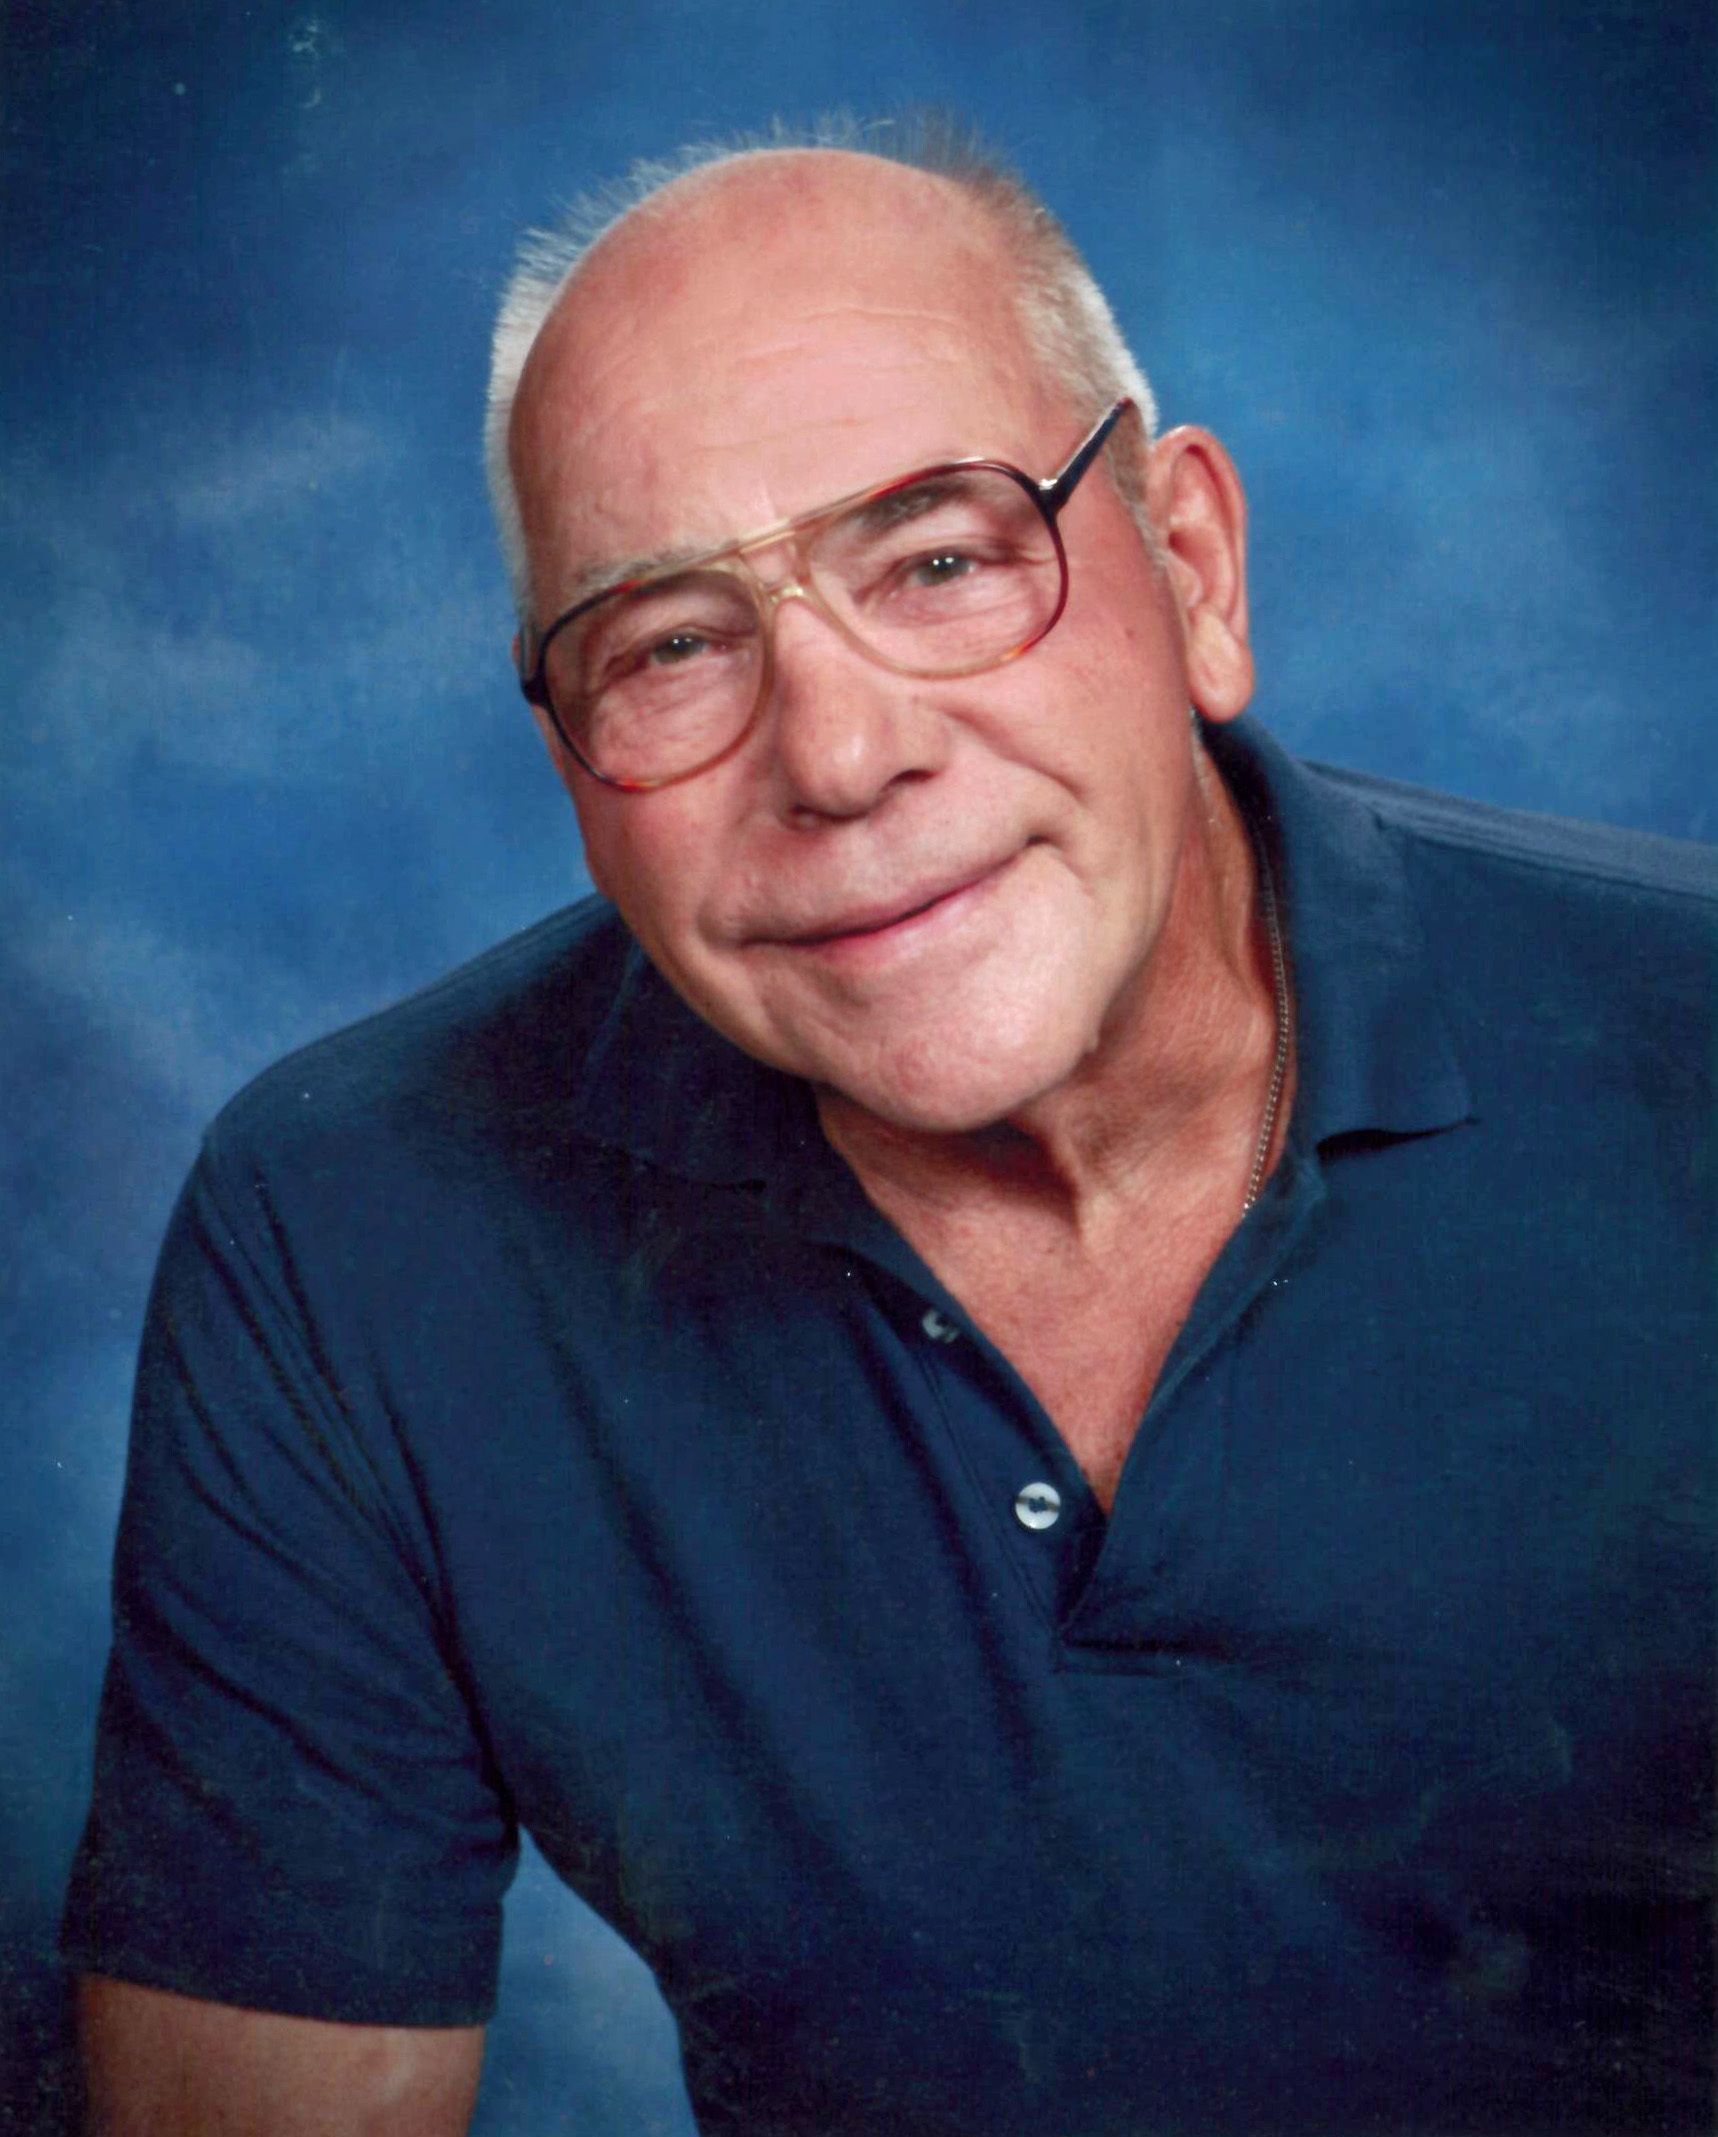 David C. Dorn